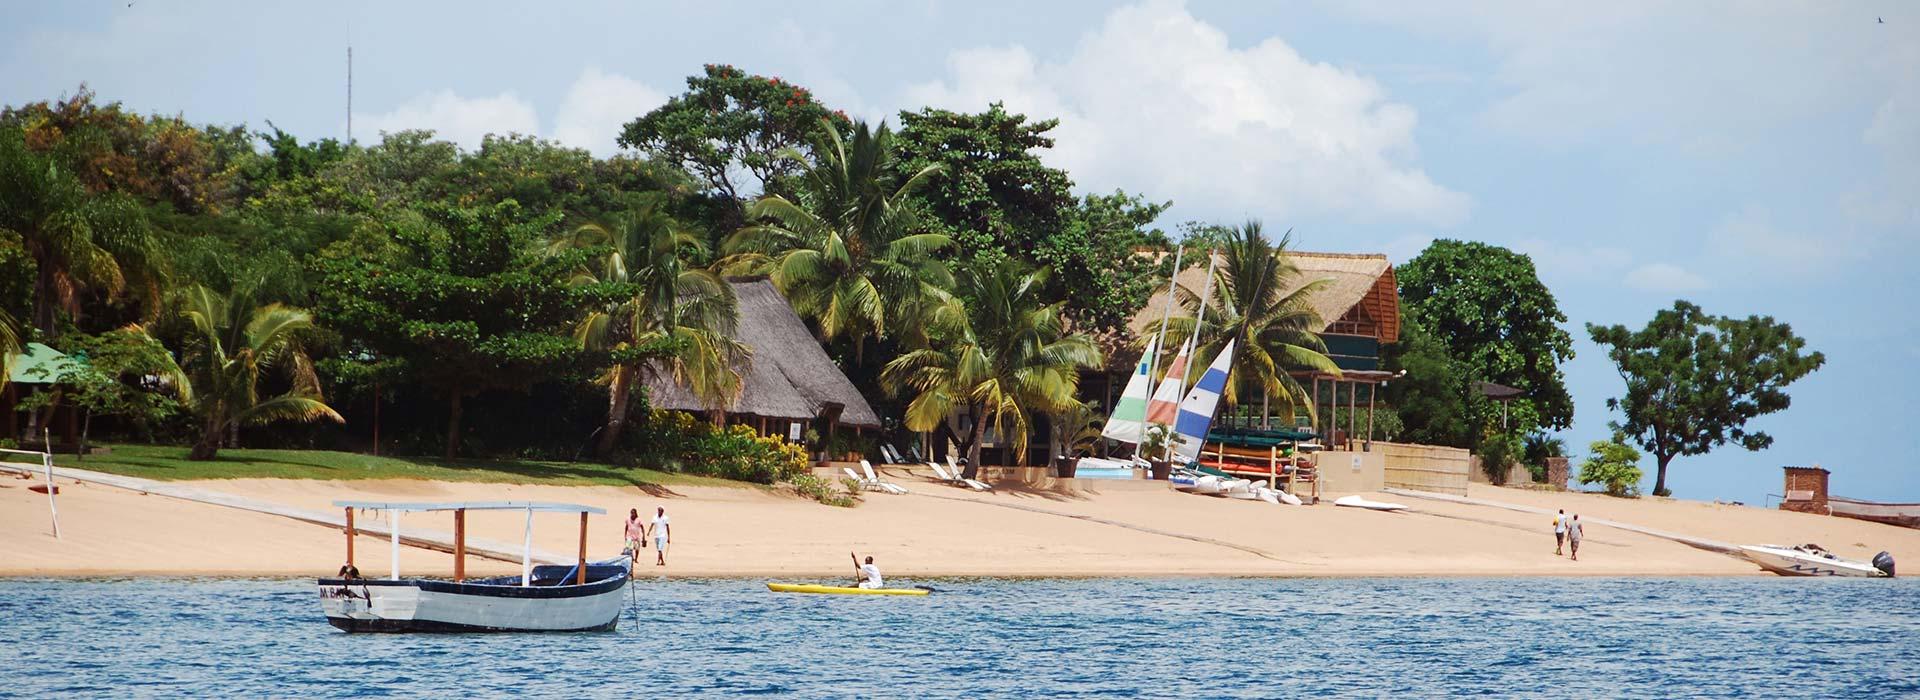 Nigeria Vacation